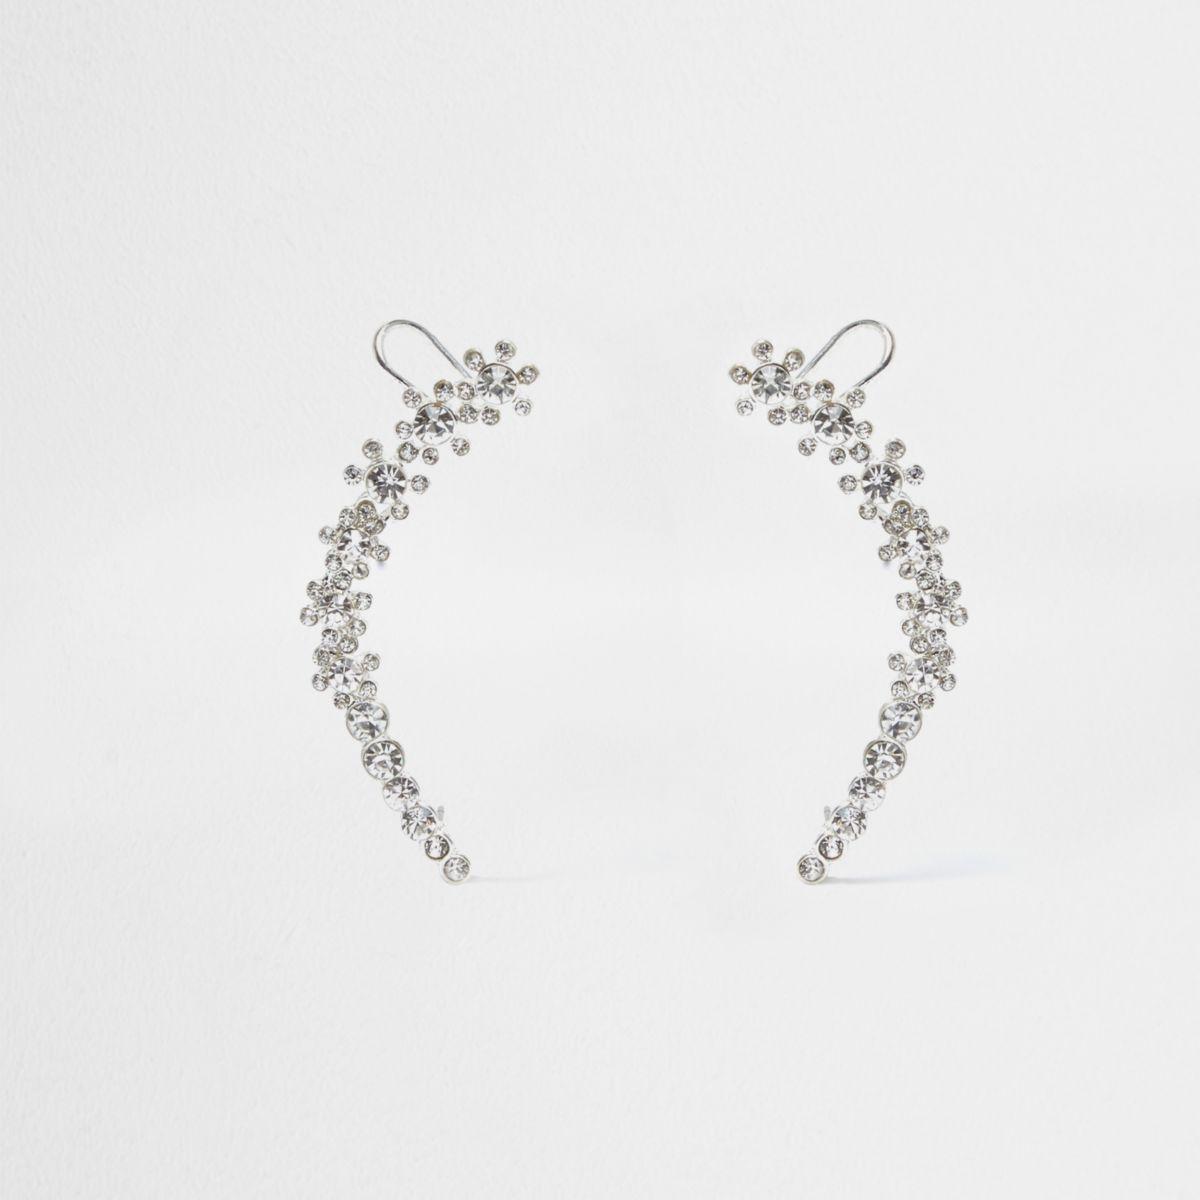 Silver tone flower embellished ear cuffs